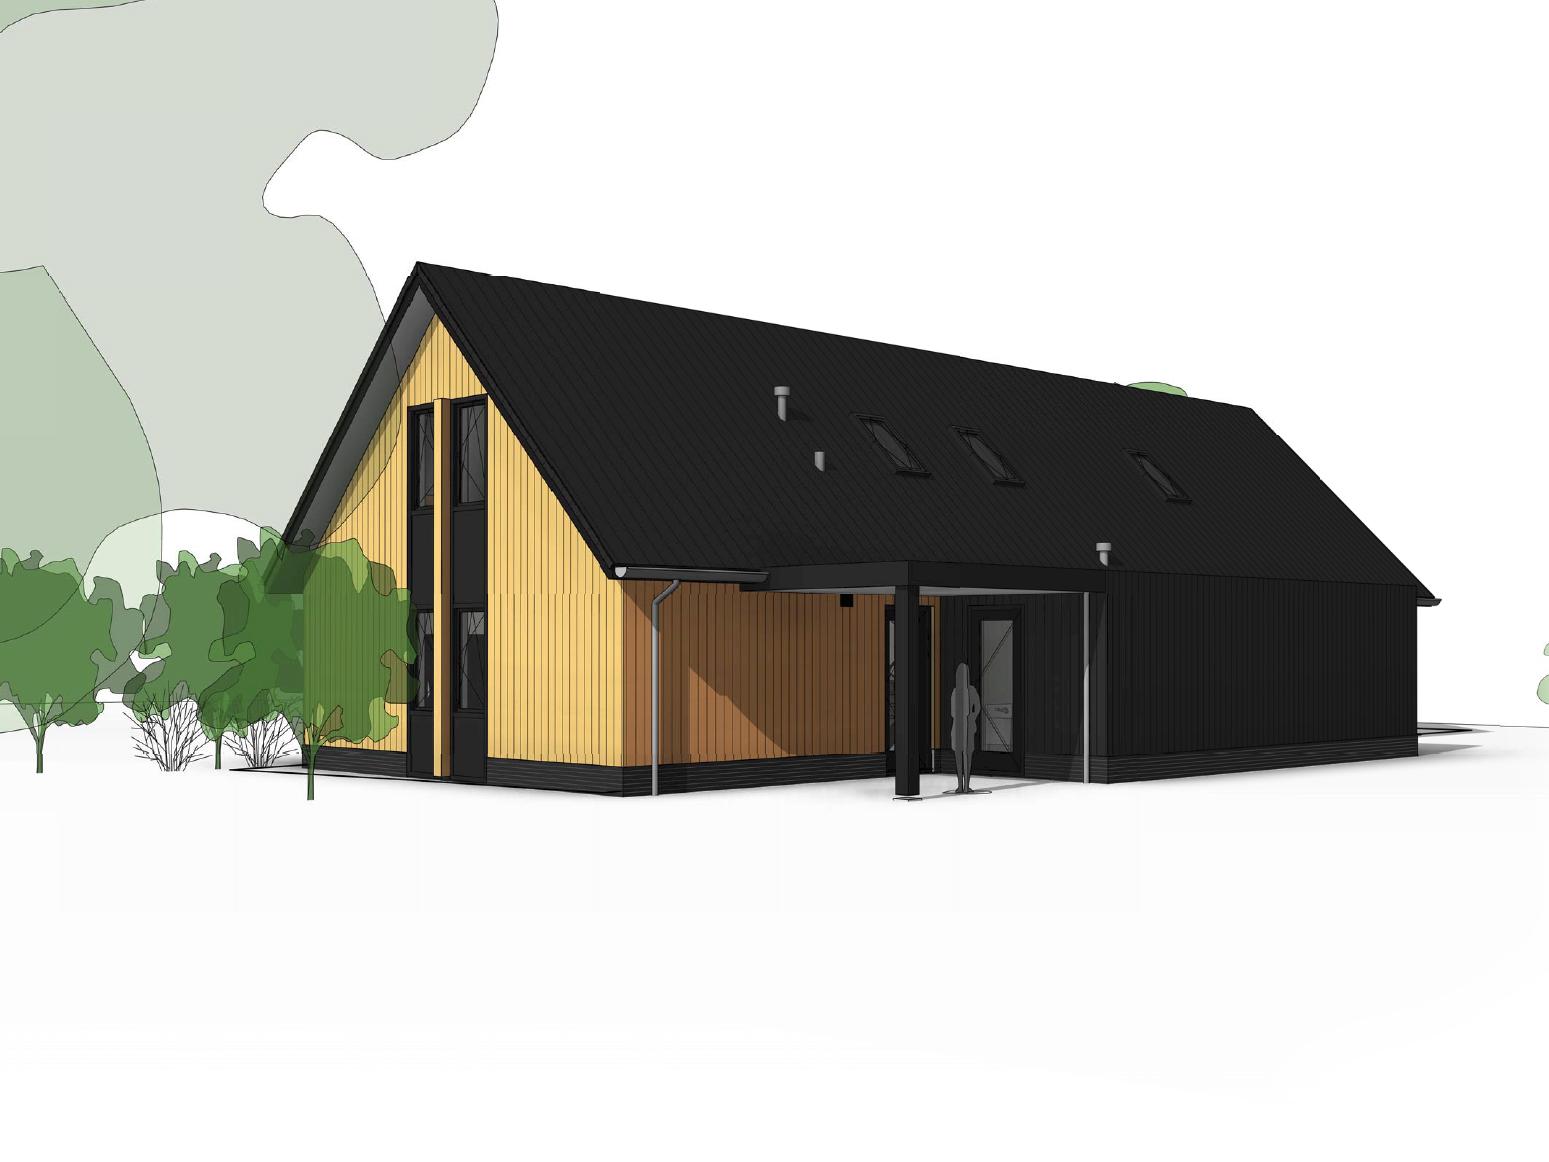 houten-schuurwoning--shuytgraaf-noorder-eiland-arnhem--van-oord-architectuur-wenum-wiesel-apeldoorn-architect-arnhem-architect-2